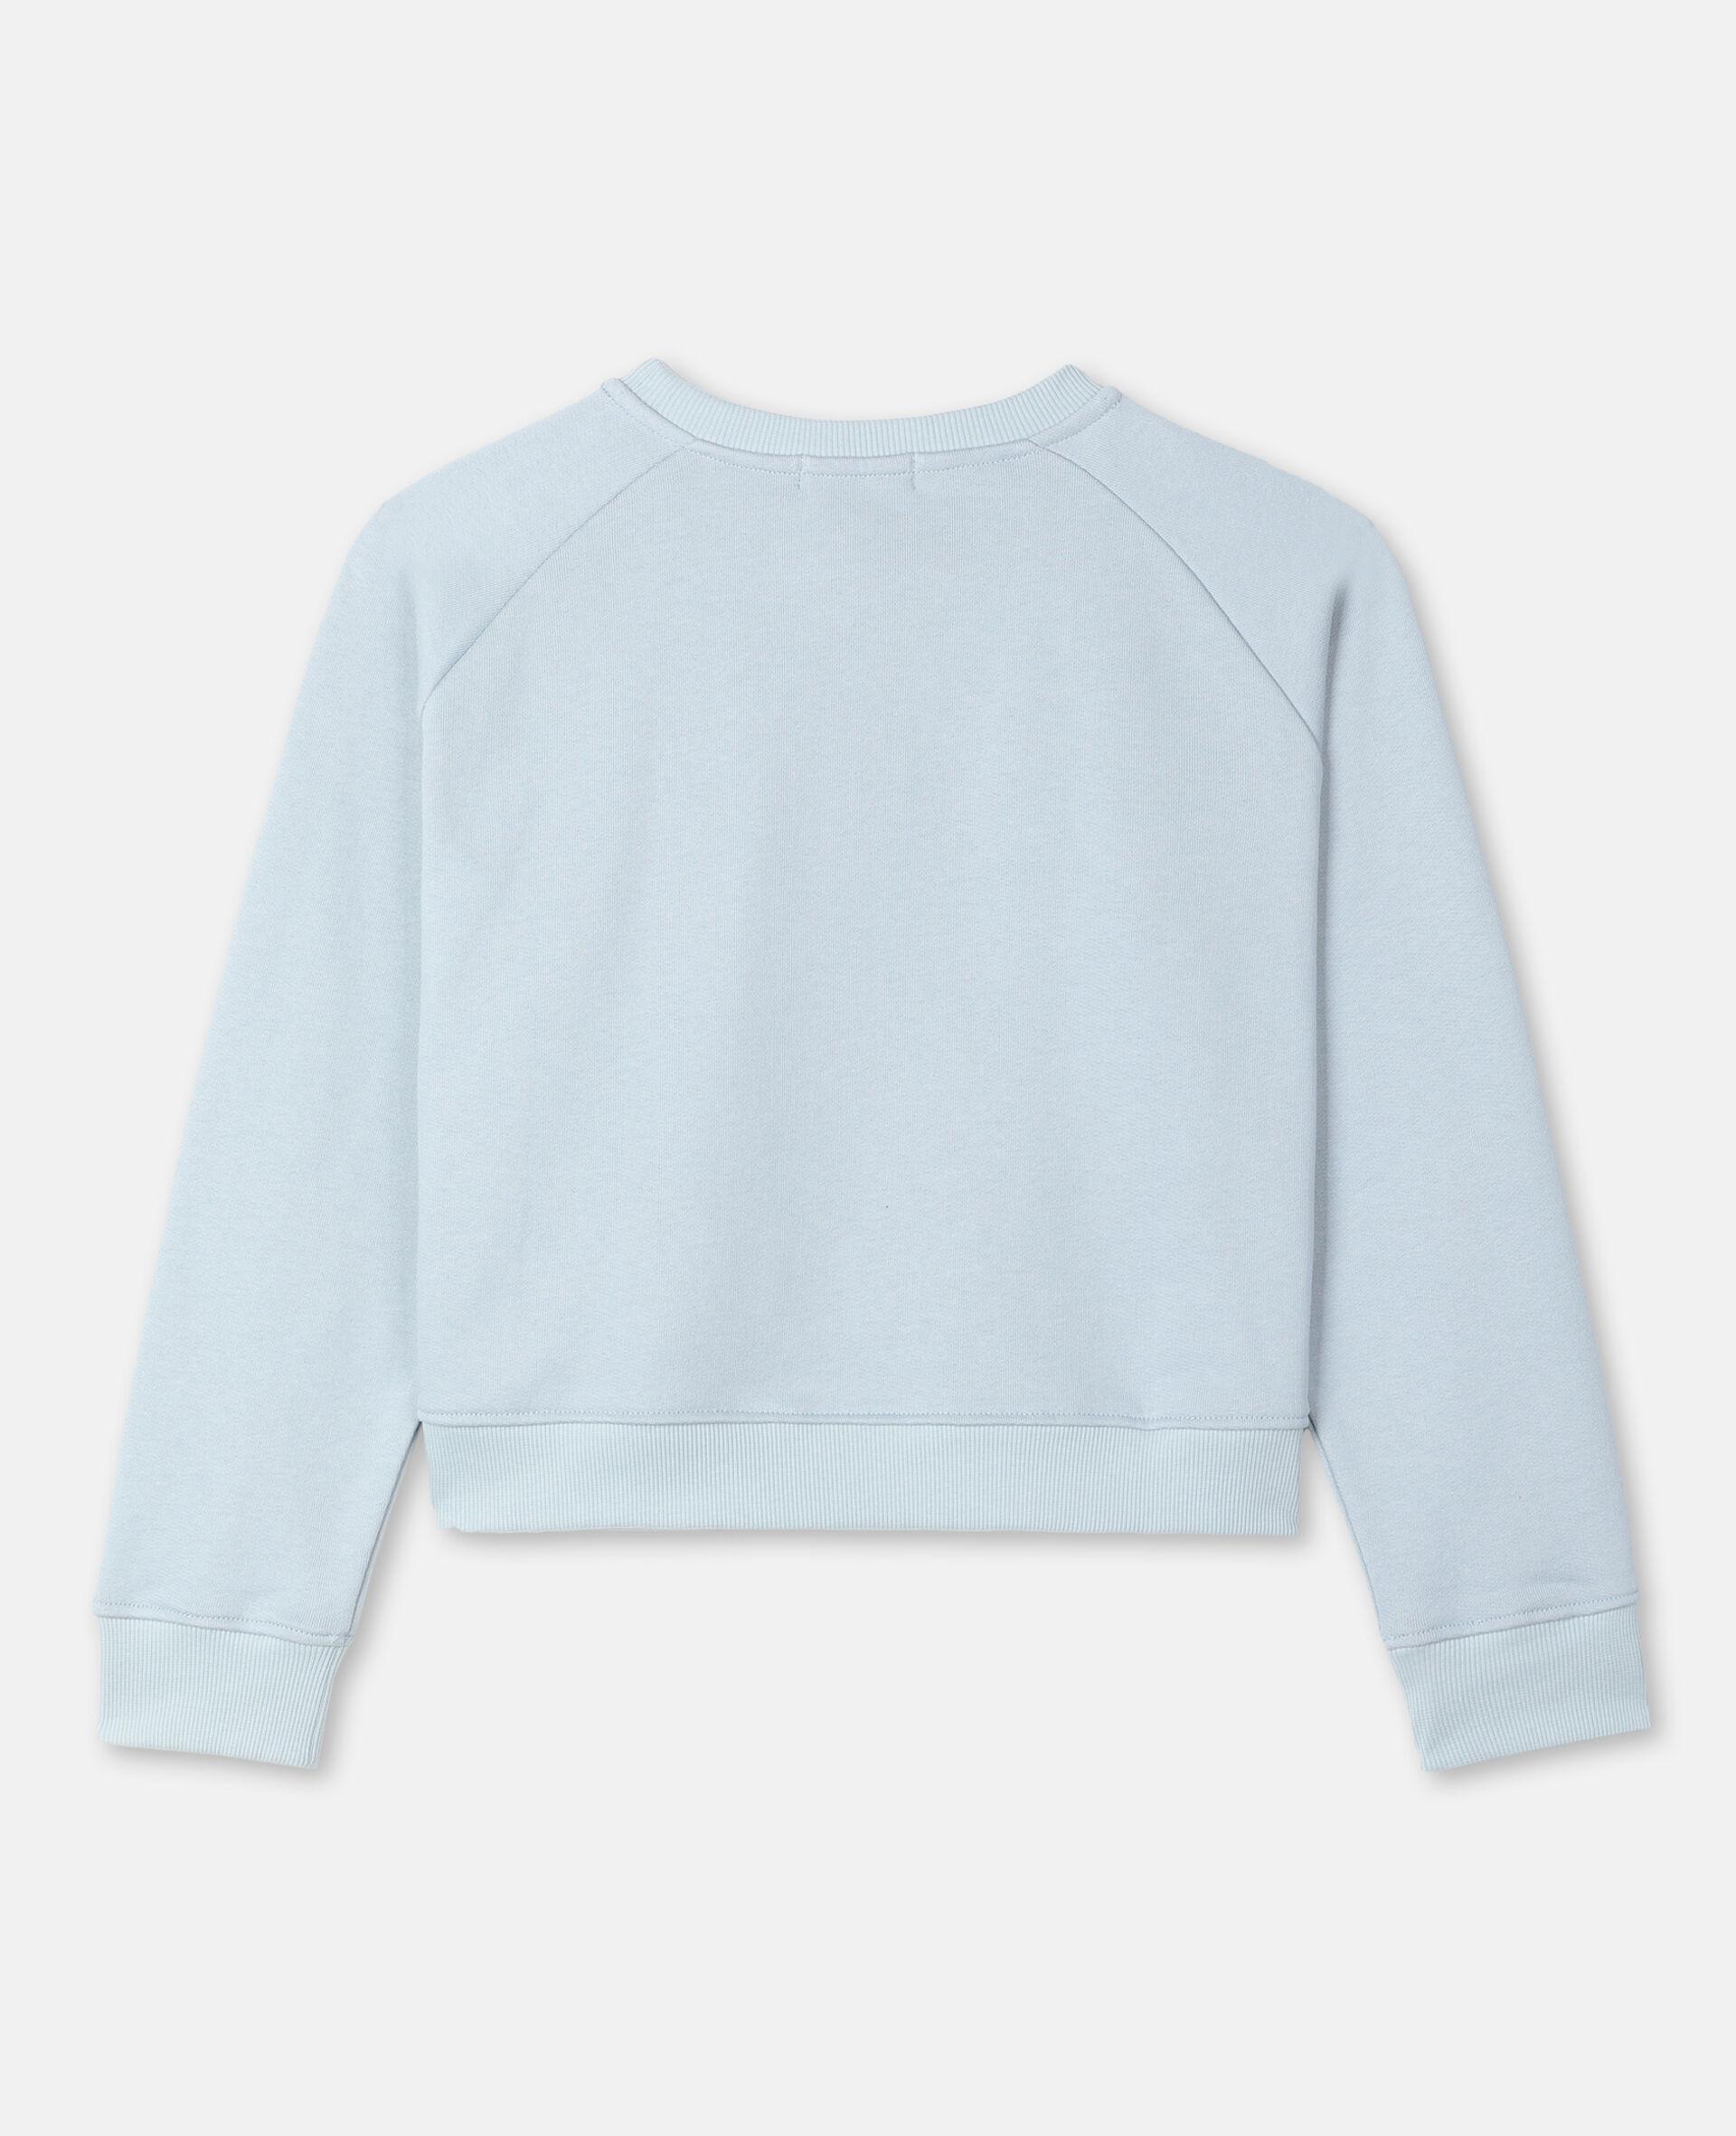 Sweat-shirt en molleton motif flamant rose effet peint -Bleu-large image number 3